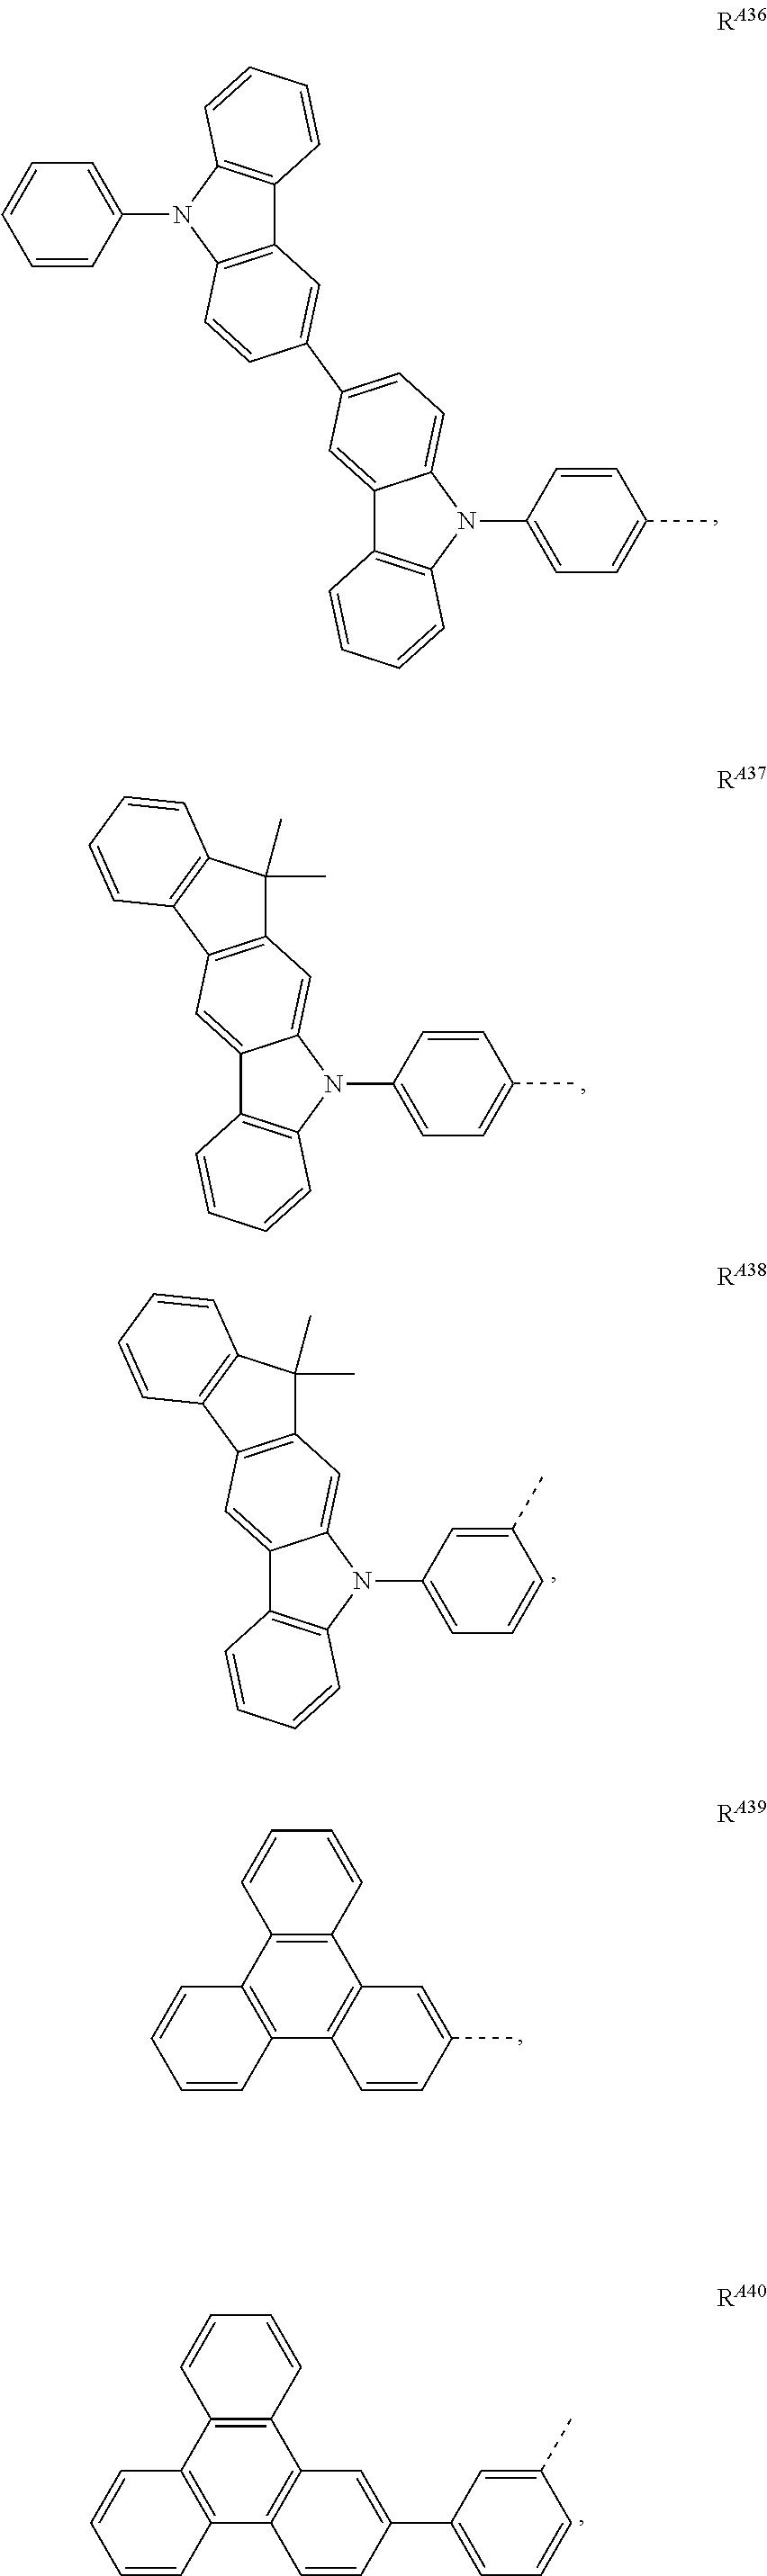 Figure US09761814-20170912-C00012